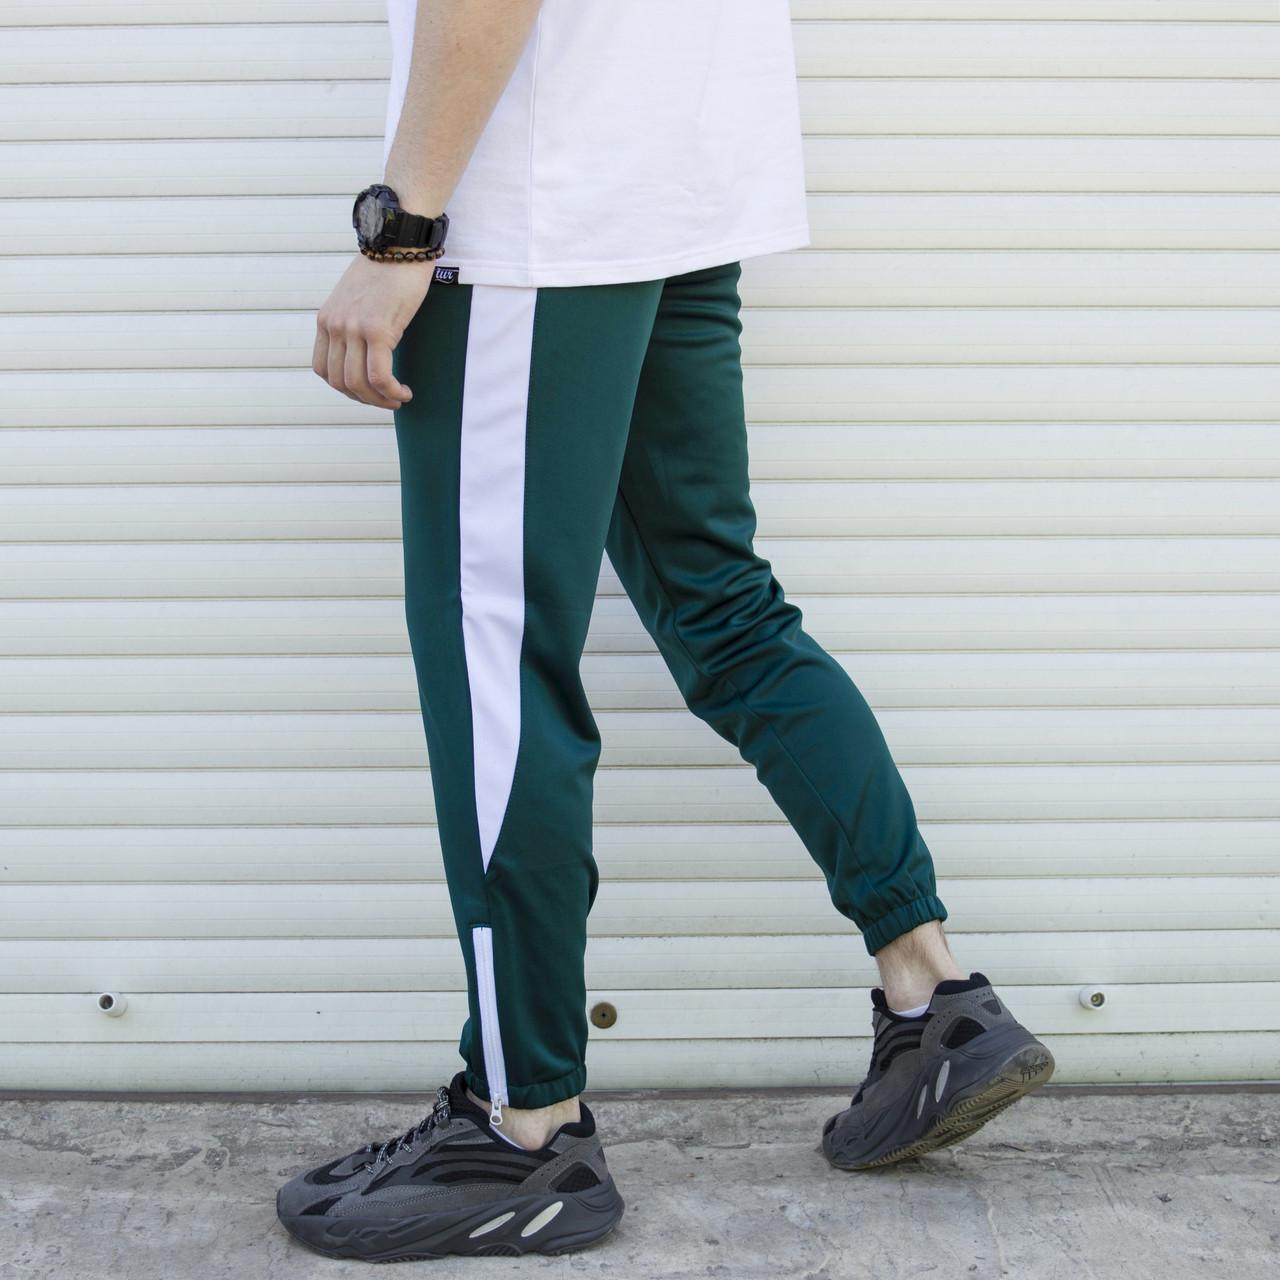 Спортивні штани чоловічі зелені з білою смужкою Роккі (Rocky) від бренду ТУР